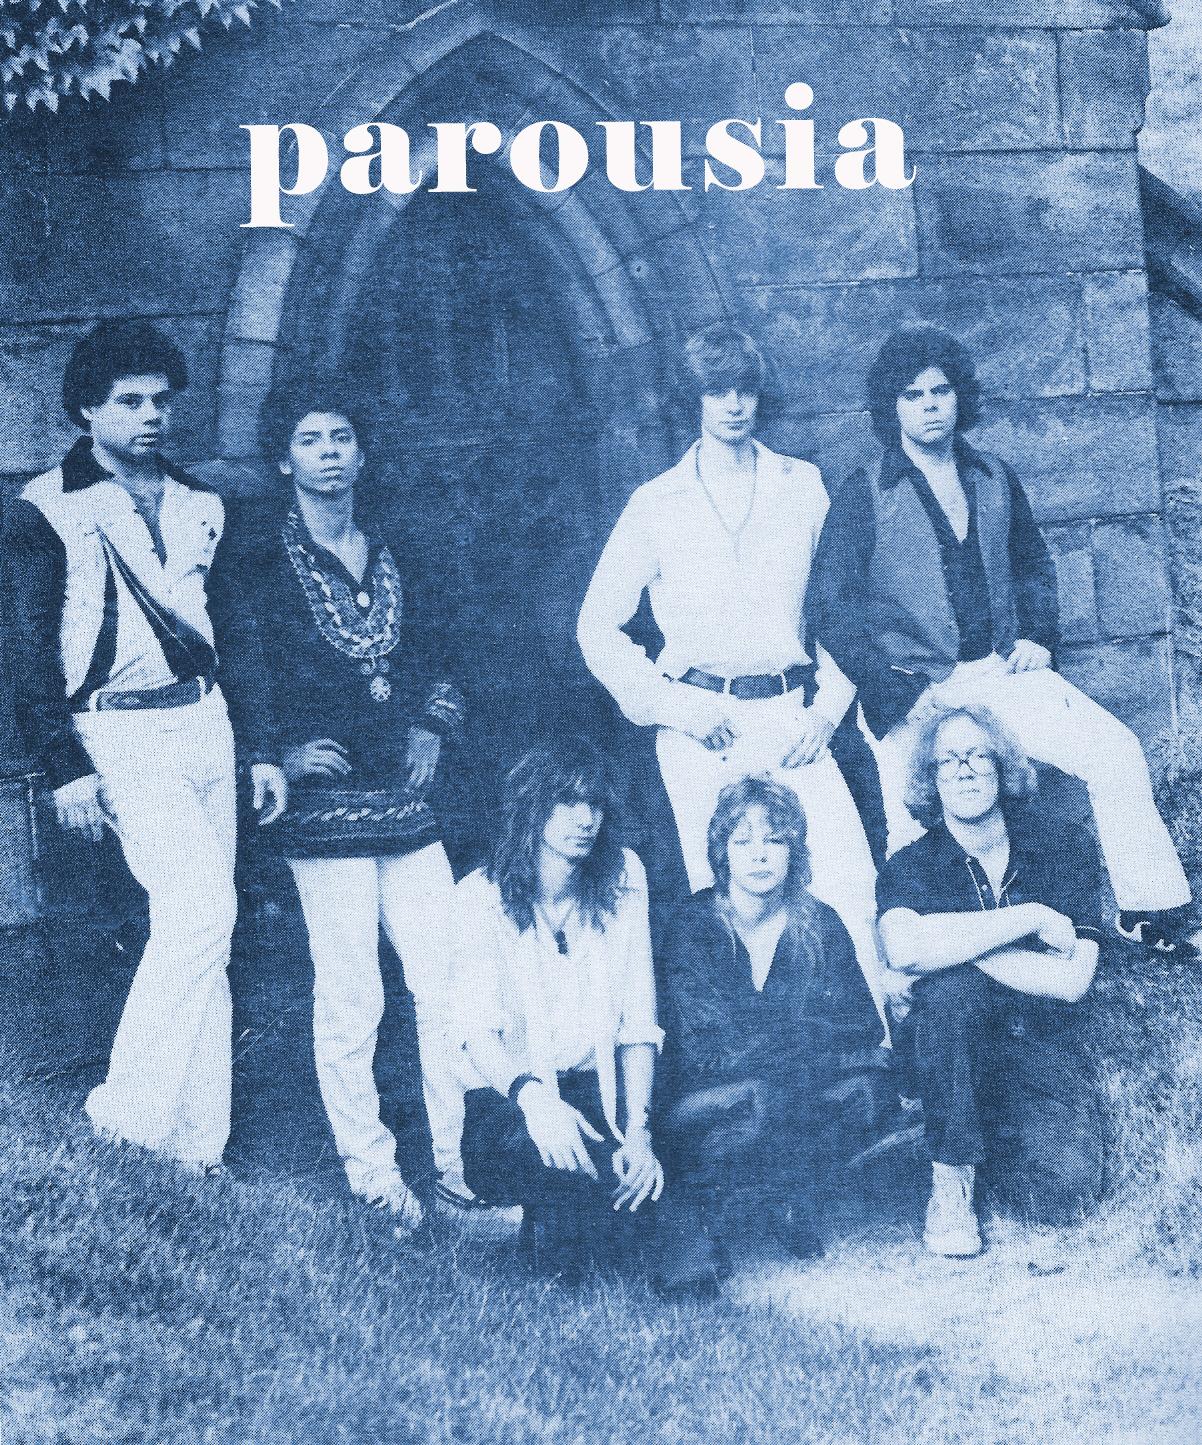 Parousia at the Four Fathoms 1980